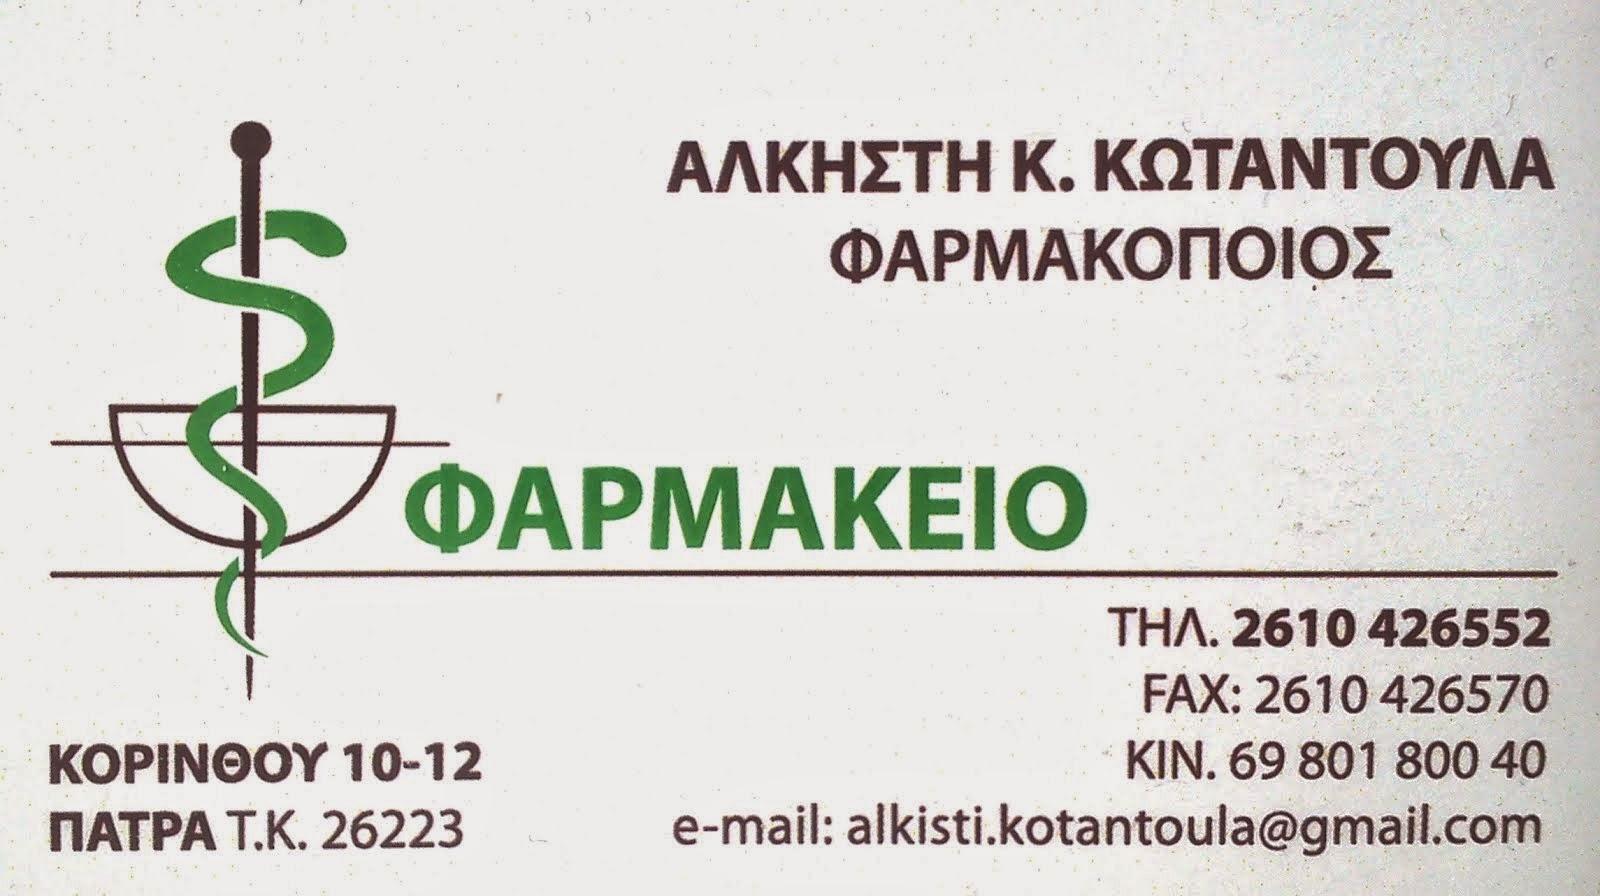 ΦΑΡΜΑΚΕΙΟ ΝΑΥΠΑΚΤΙΩΝ